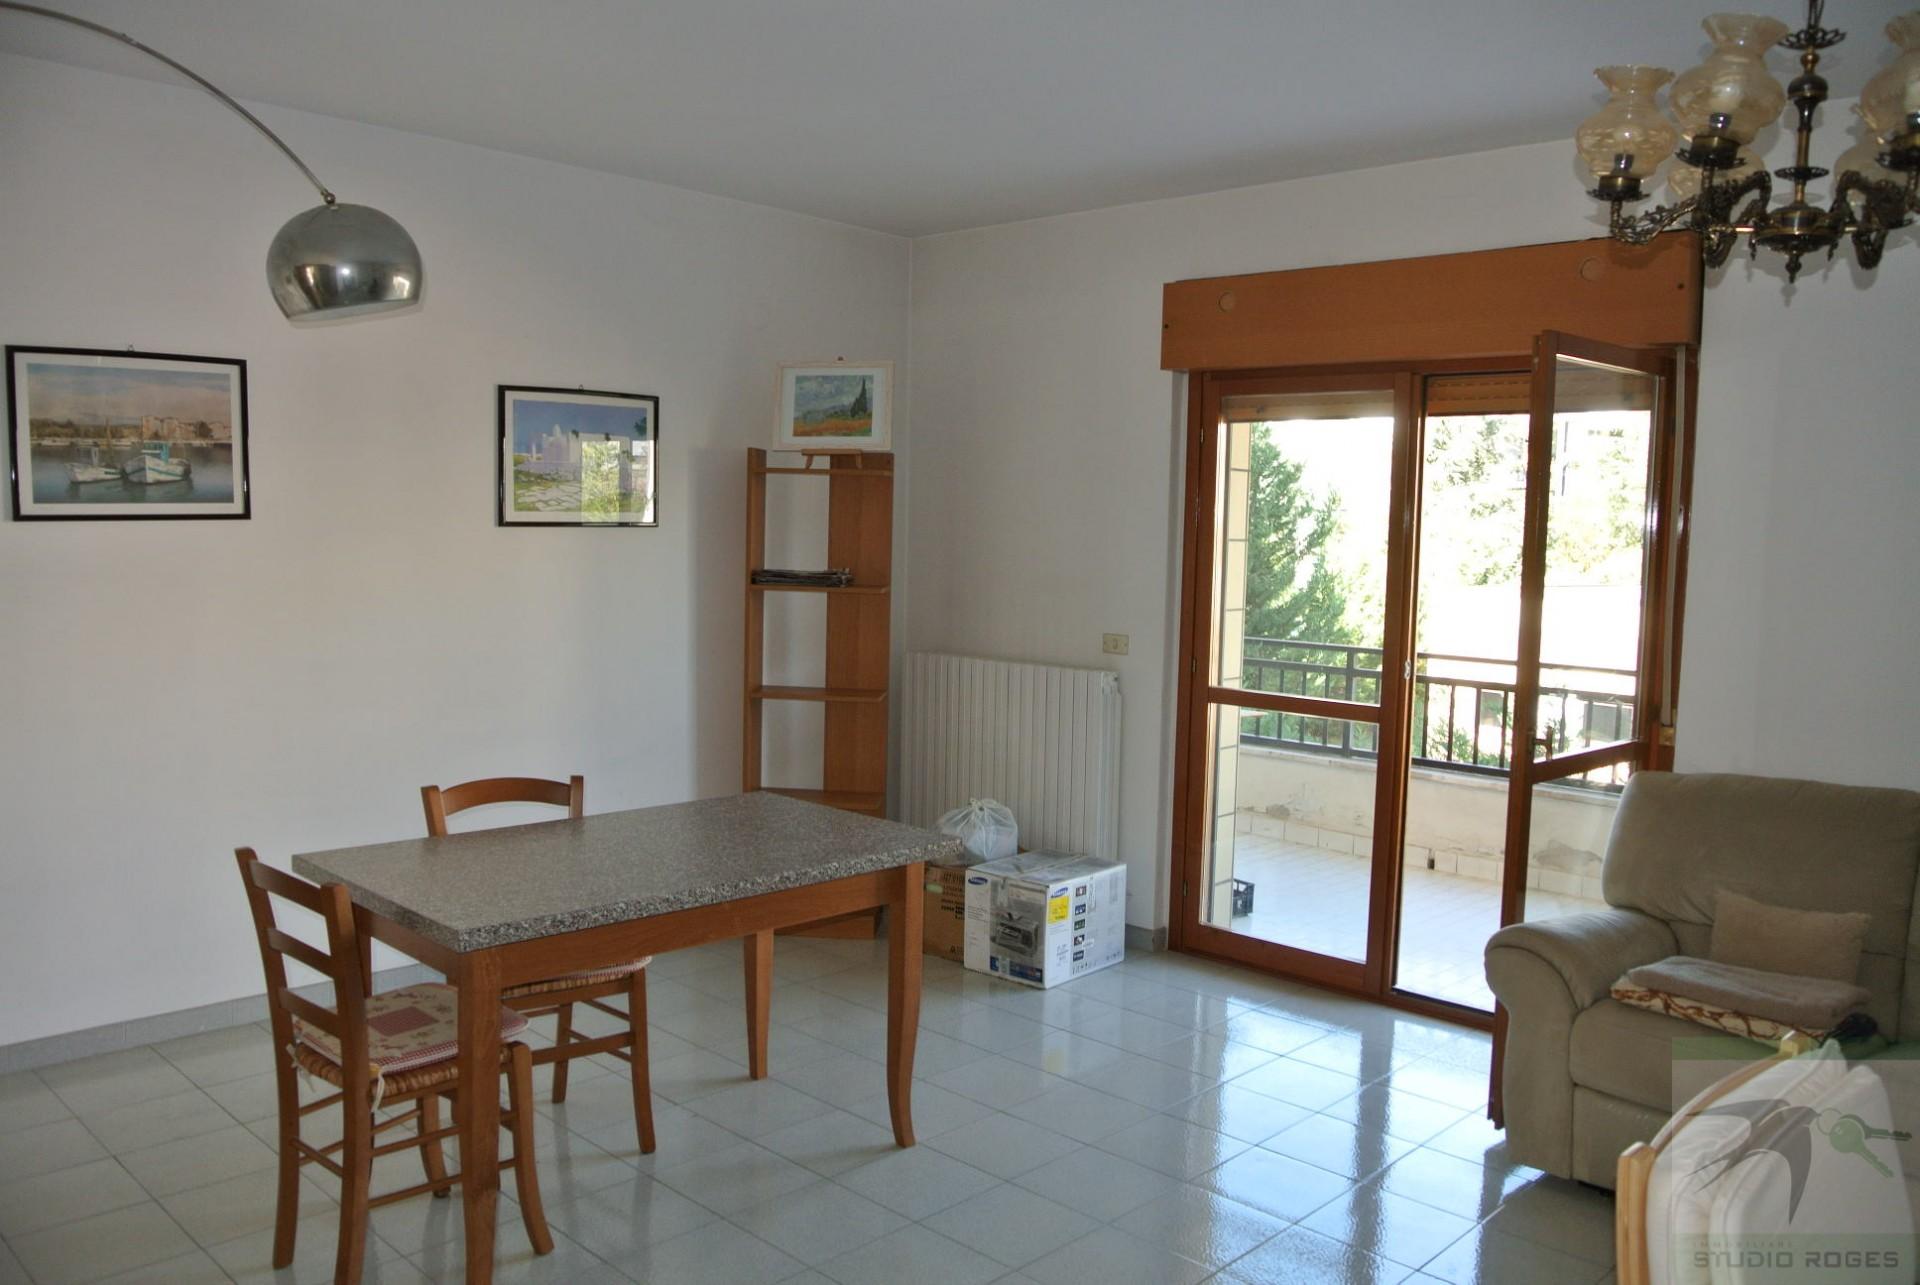 Appartamento in Vendita 143,97 mq - N. camere: 4 - - Rende - Quattromiglia (CS)